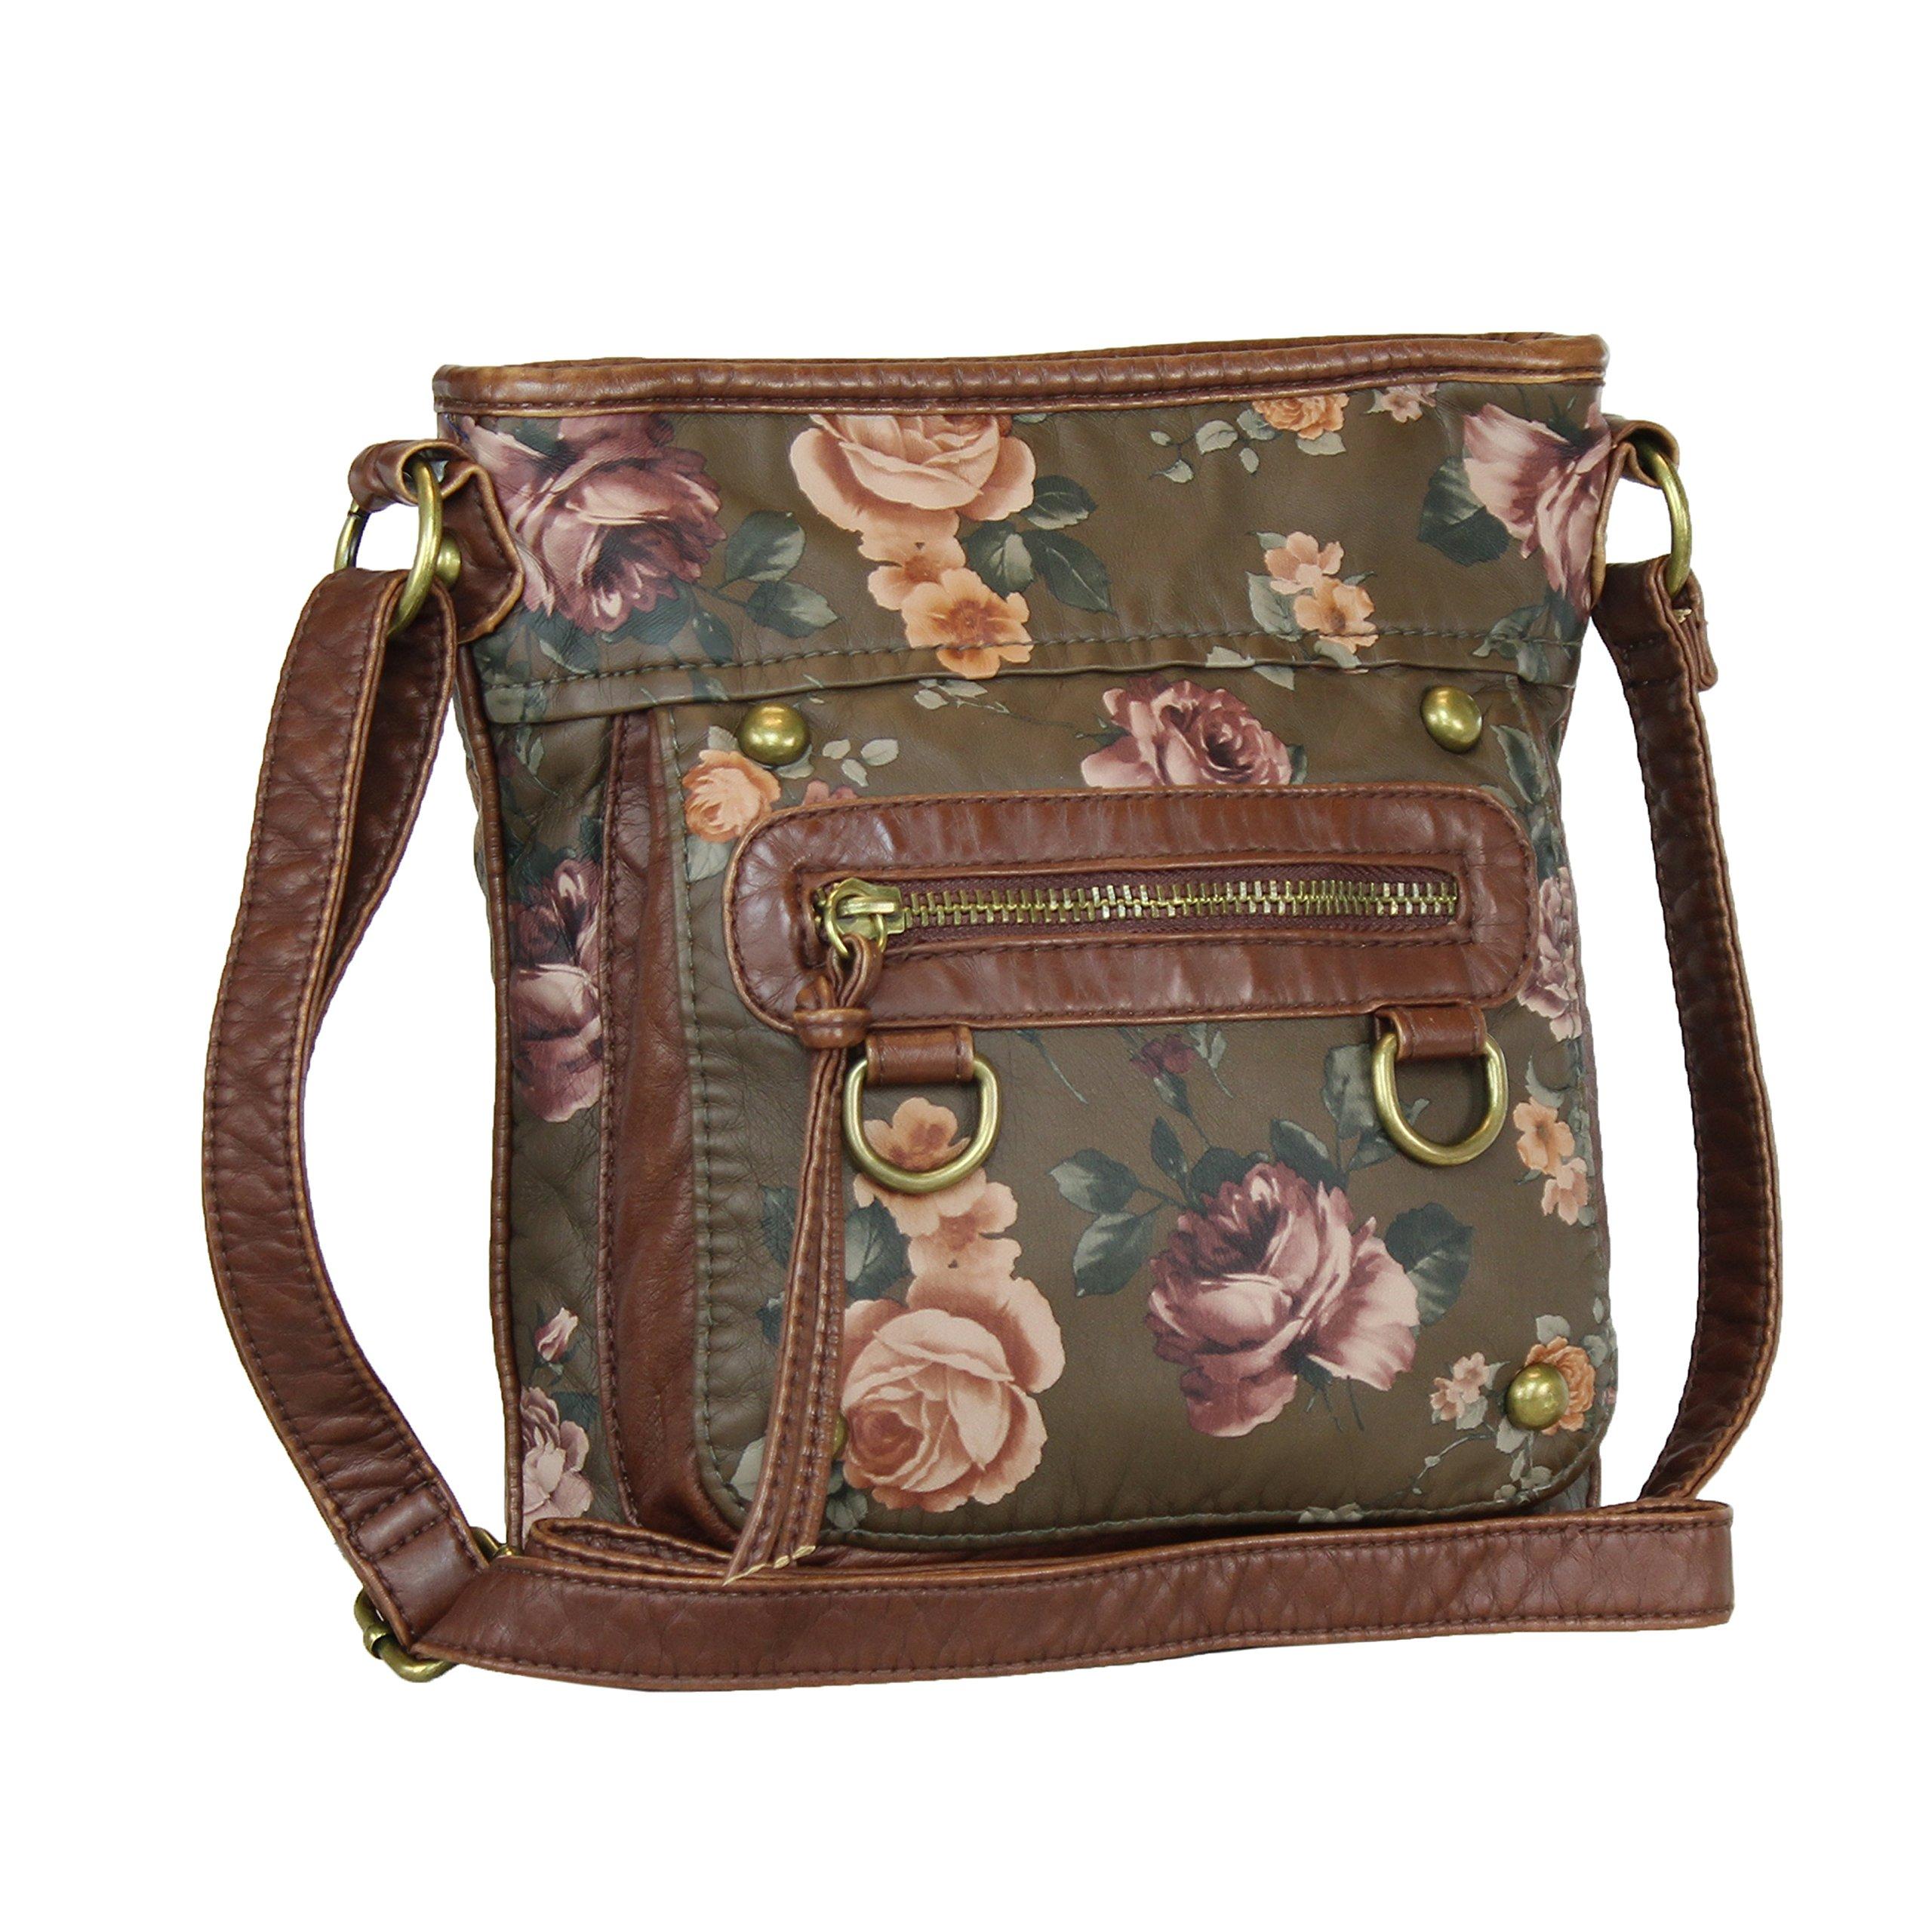 Vintage Floral Roses Crossbody Purse- Olive Letter Carrier with Front Pocket